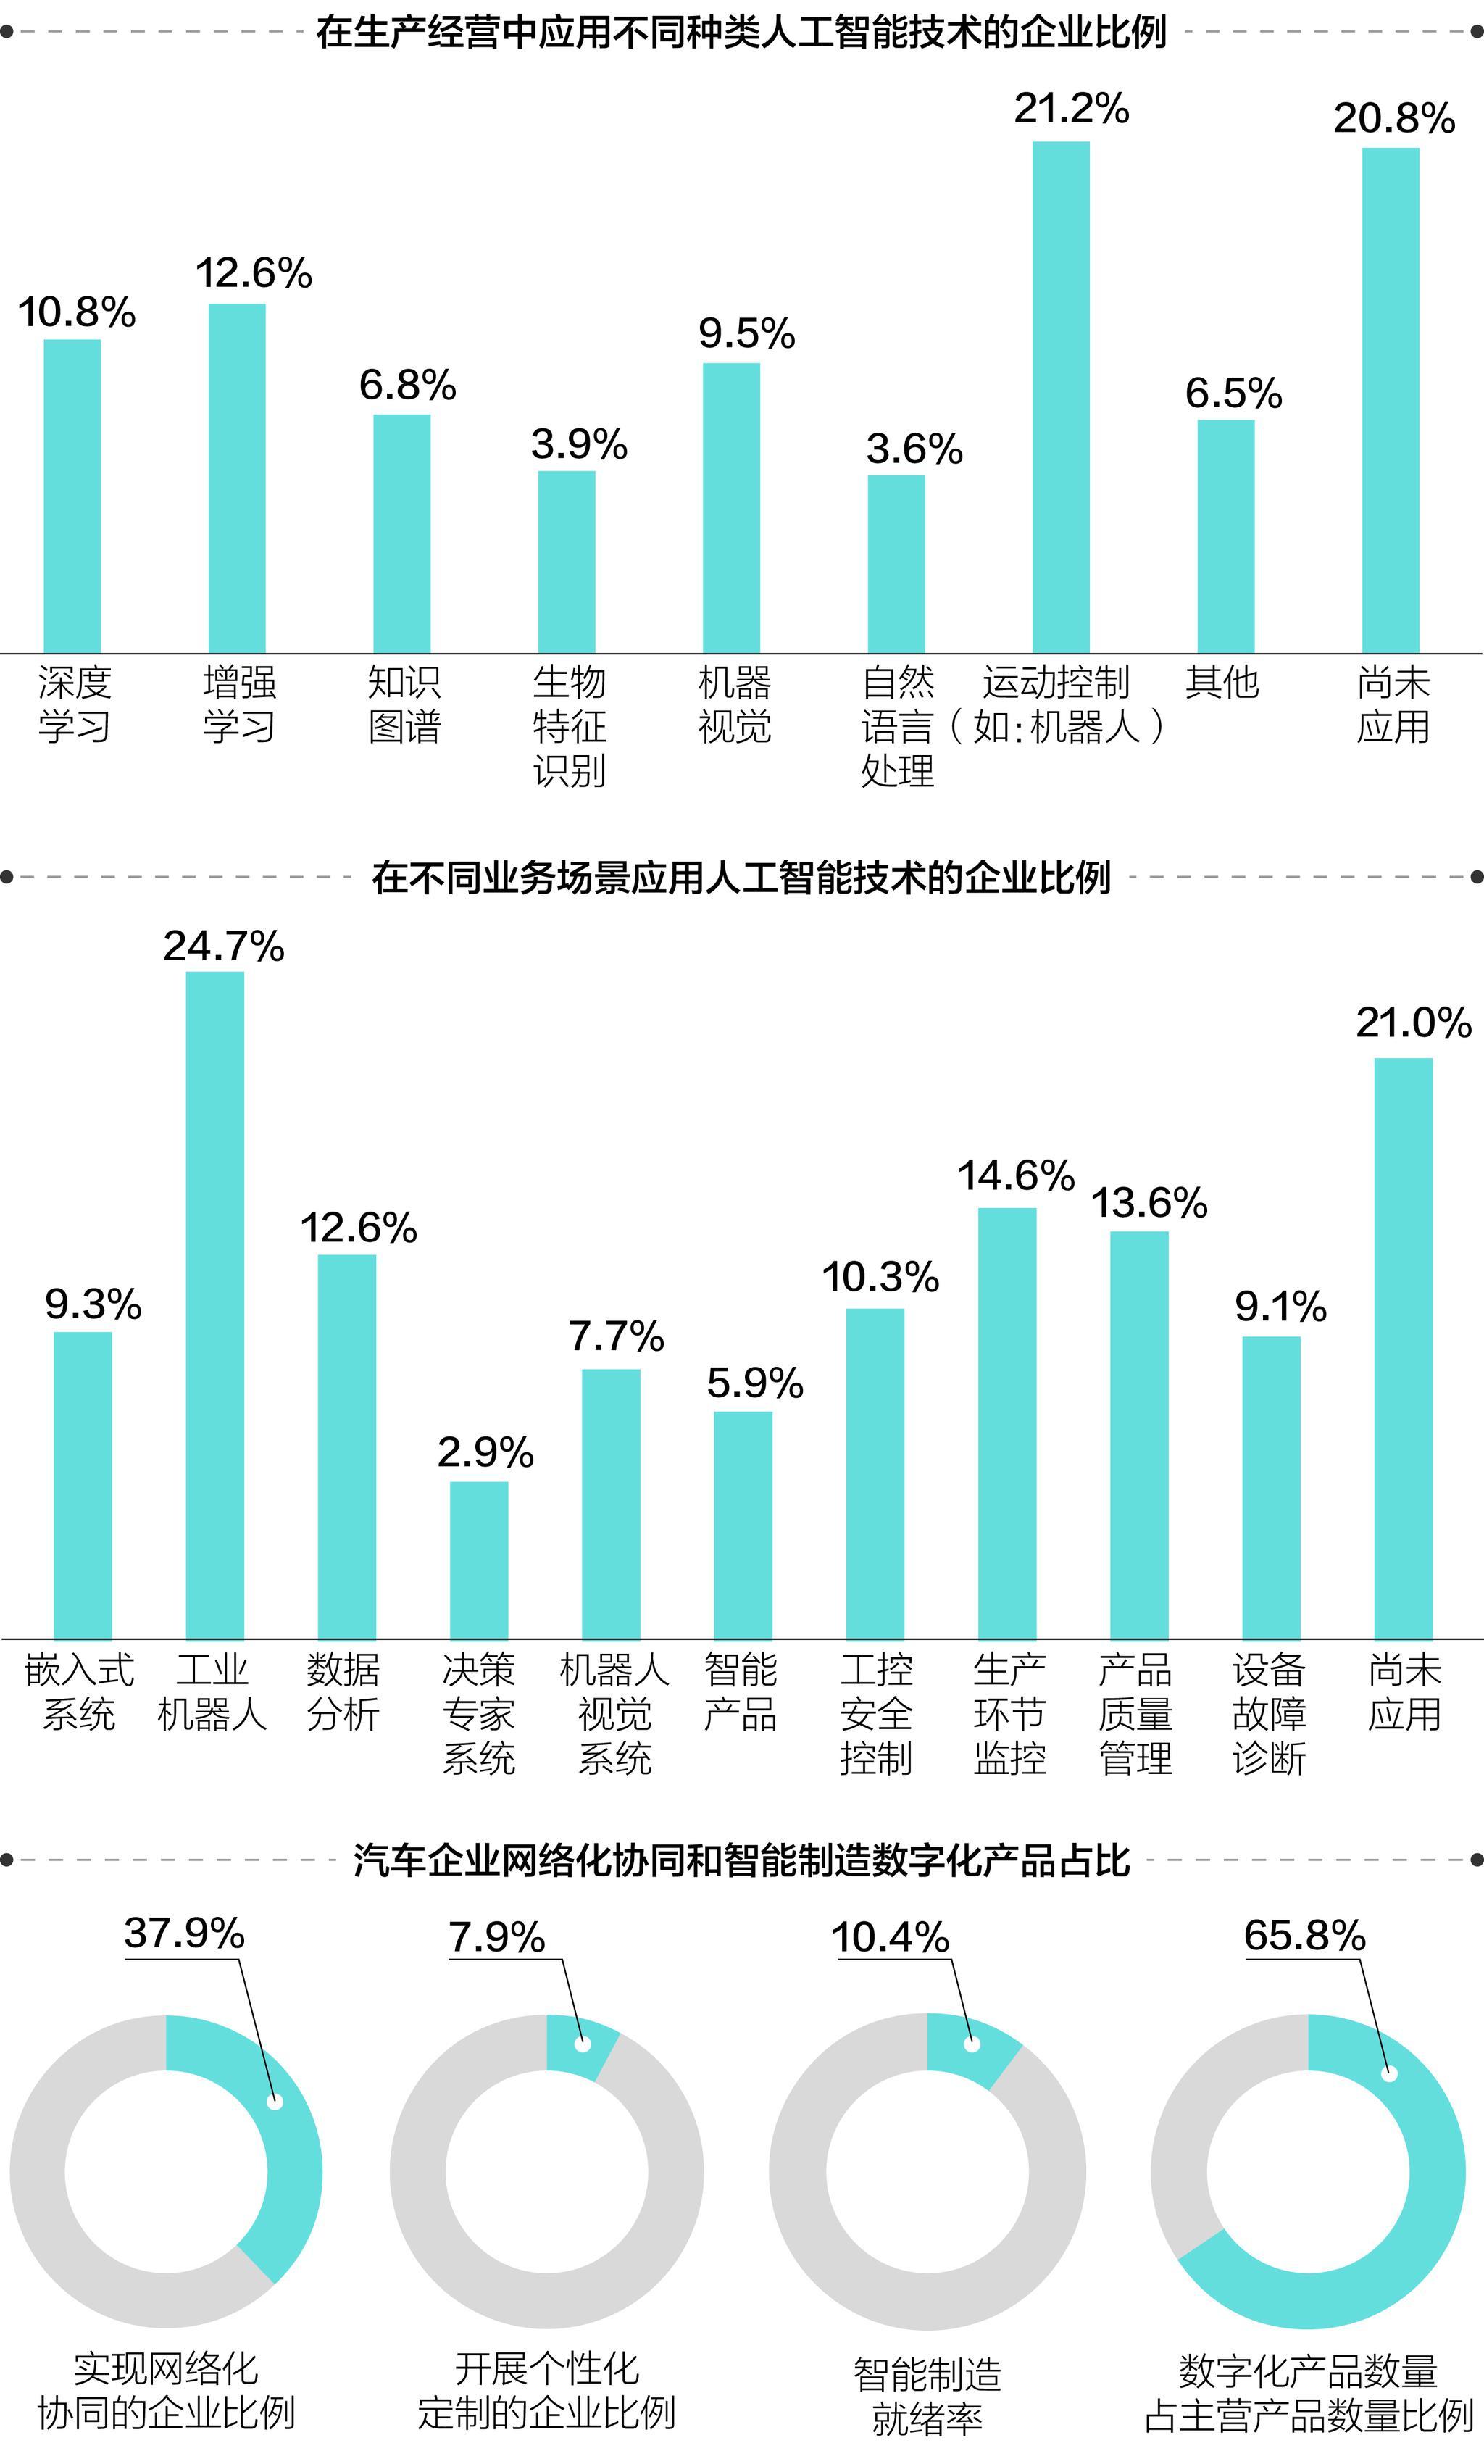 manbet万博亚洲冲了钱,【盈喜】三一国际料中期净利润大幅增长